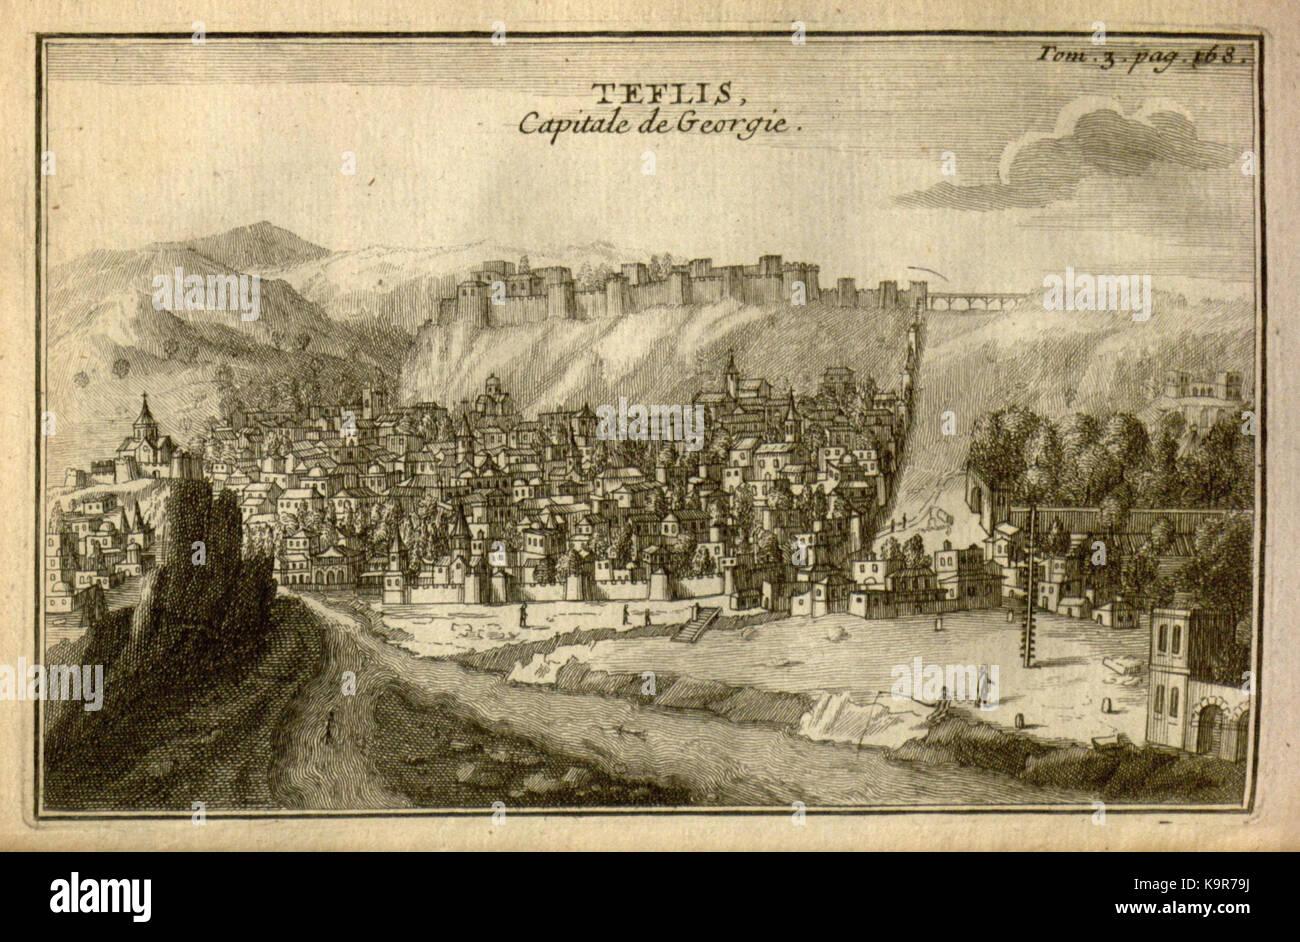 Relation d'un voyage du Levant (Plate 25) (7893901768) - Stock Image